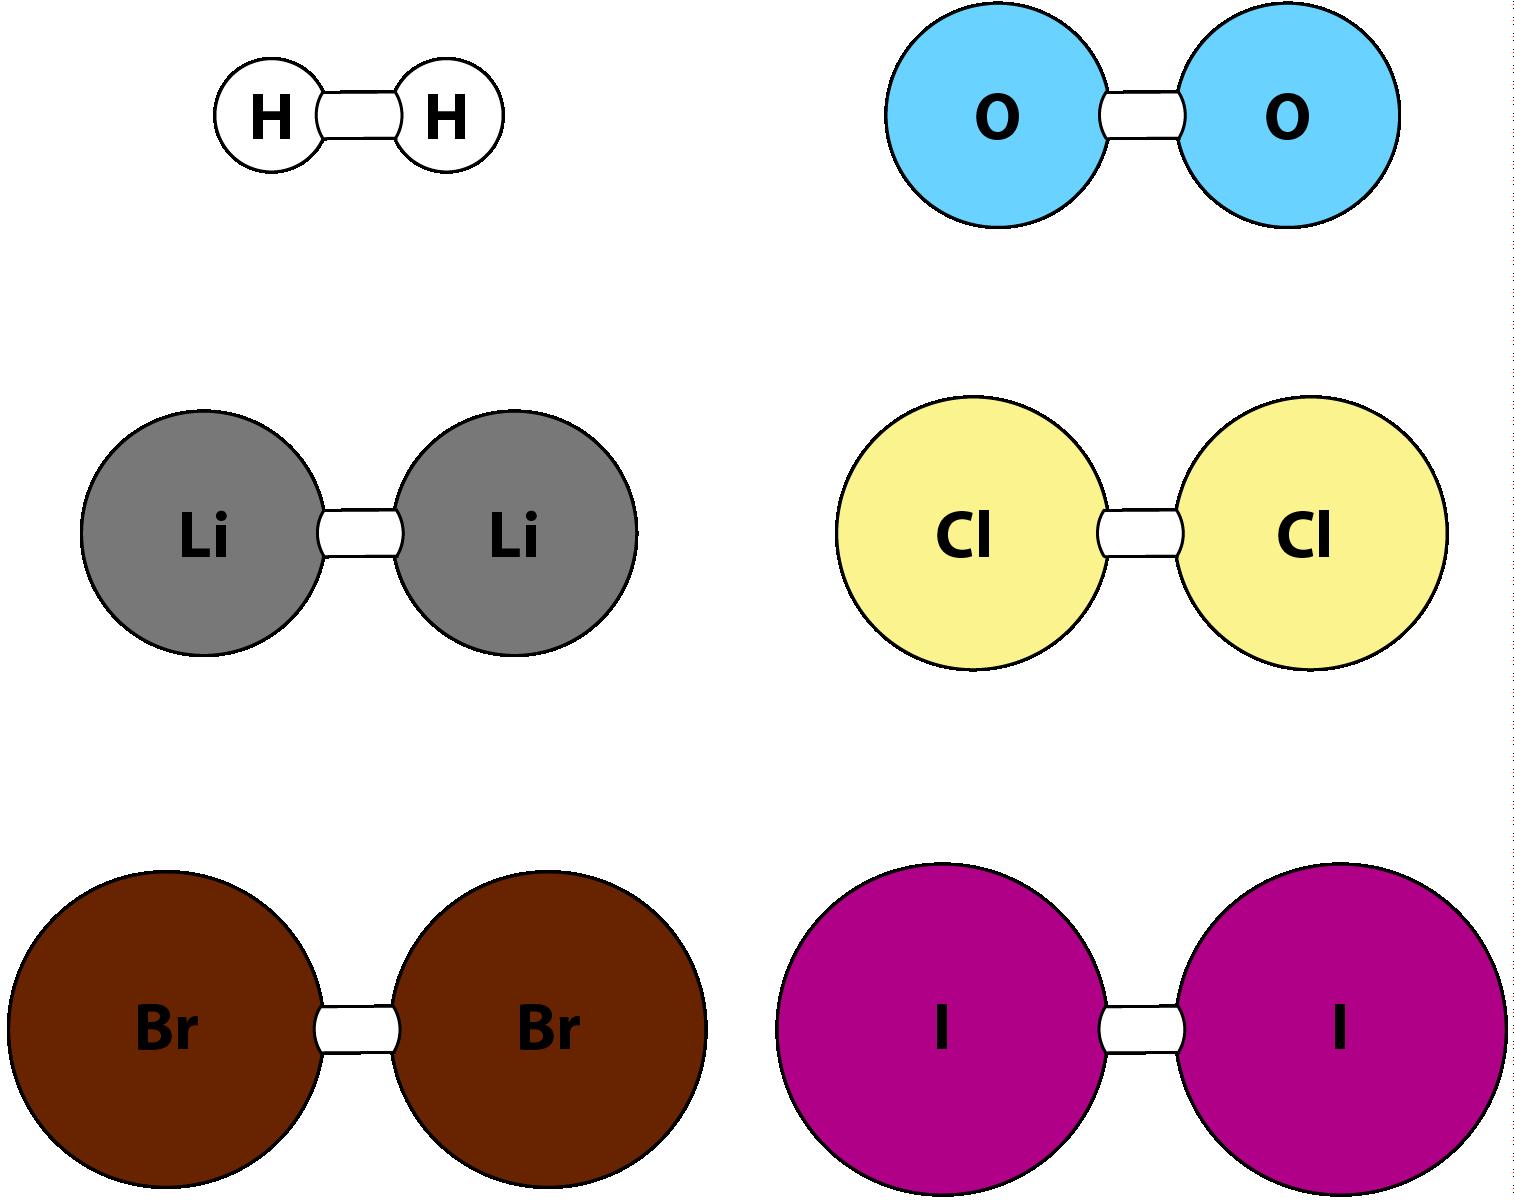 двухатомные молекулы объединяются